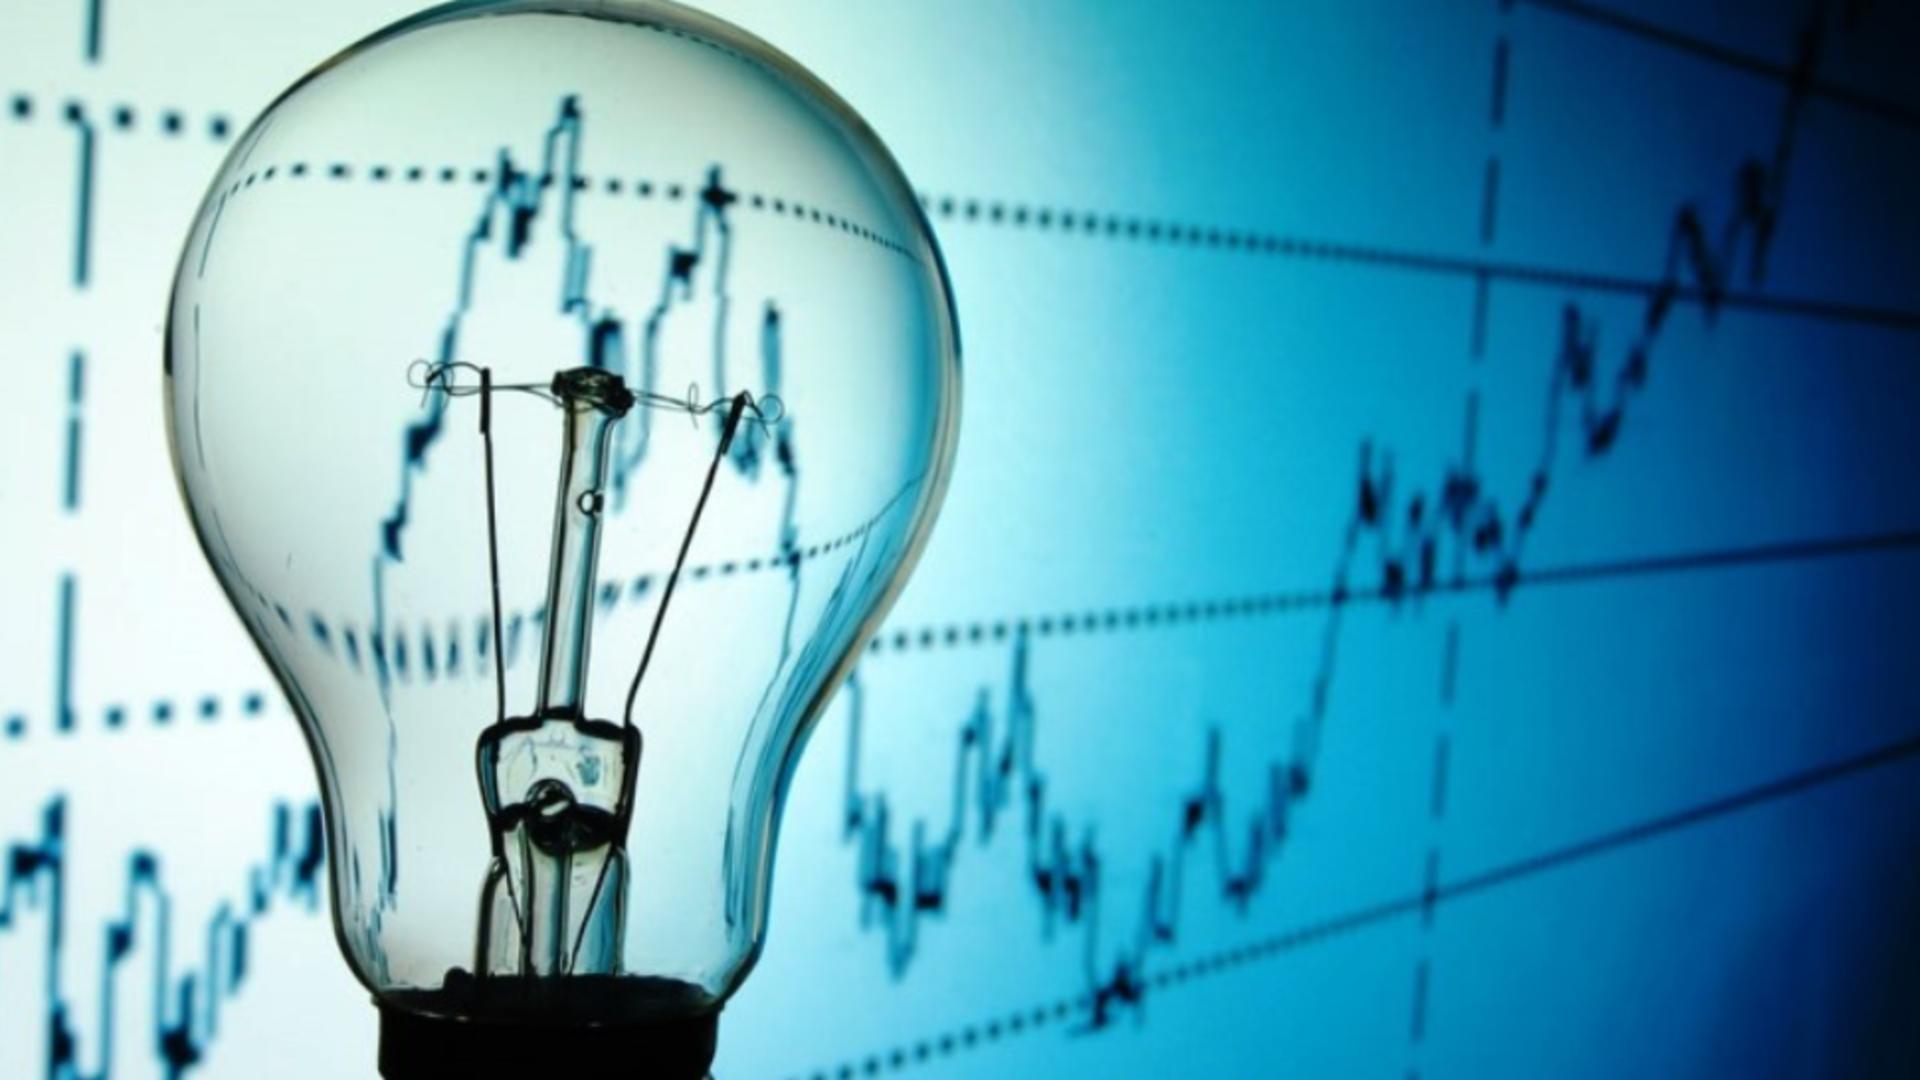 CÂȚI dintre marii furnizori de energie electrică au fost AMENDAȚI în 2021 pentru nereguli